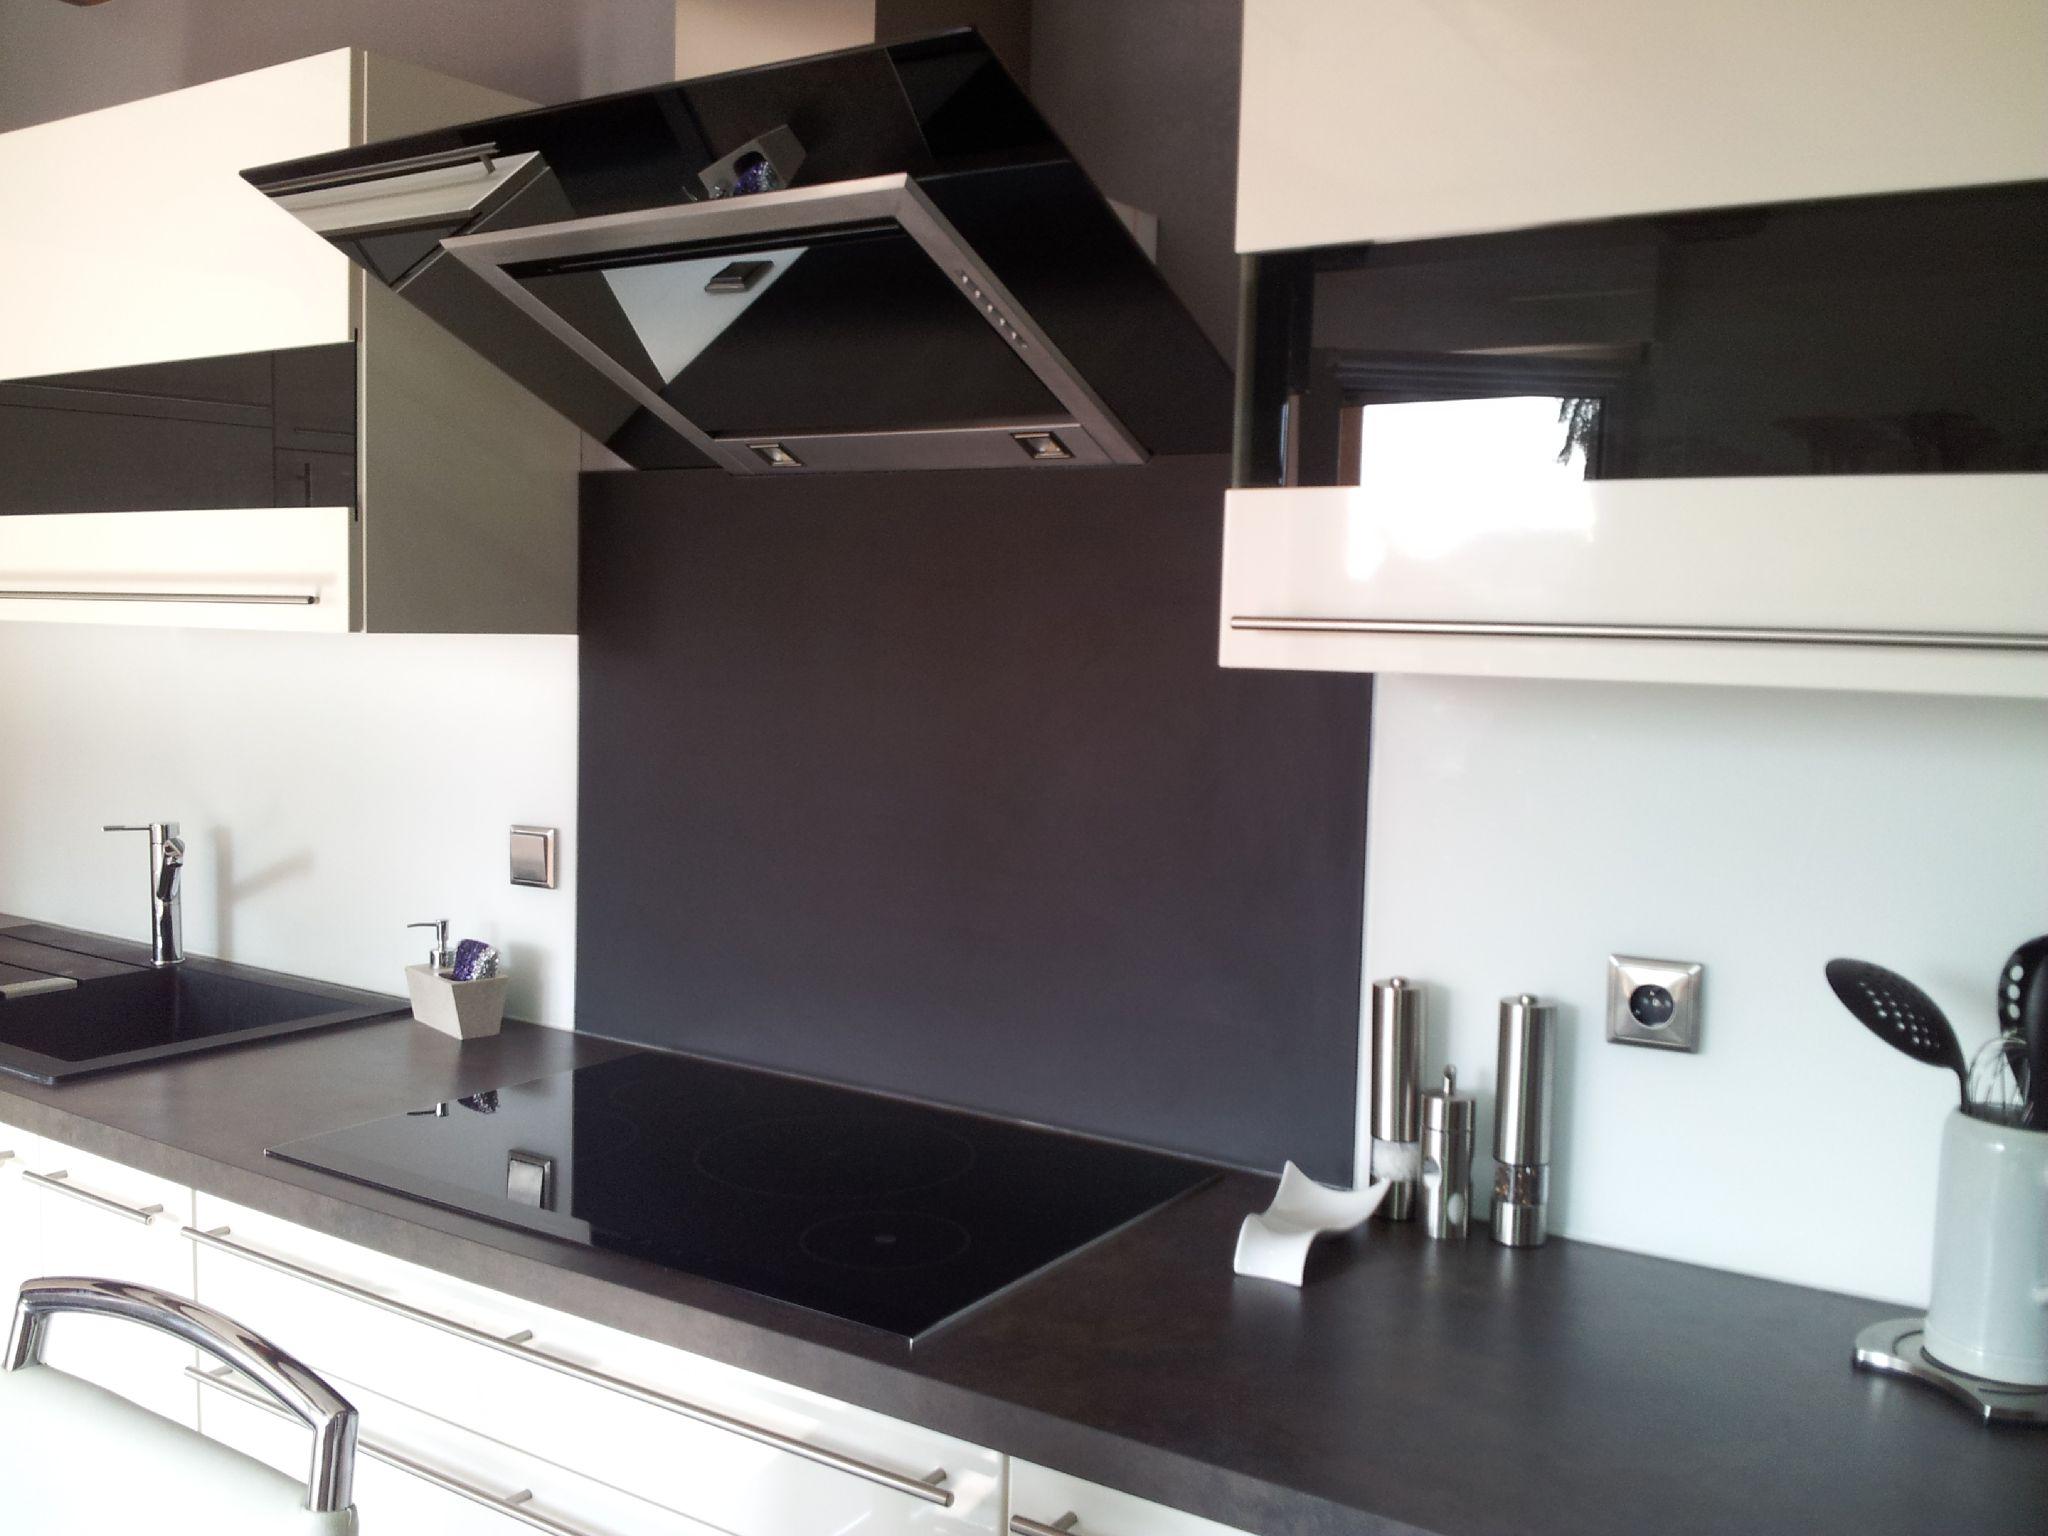 crdence en verre blanc et noir satin avant et aprs with credence en verre blanc. Black Bedroom Furniture Sets. Home Design Ideas